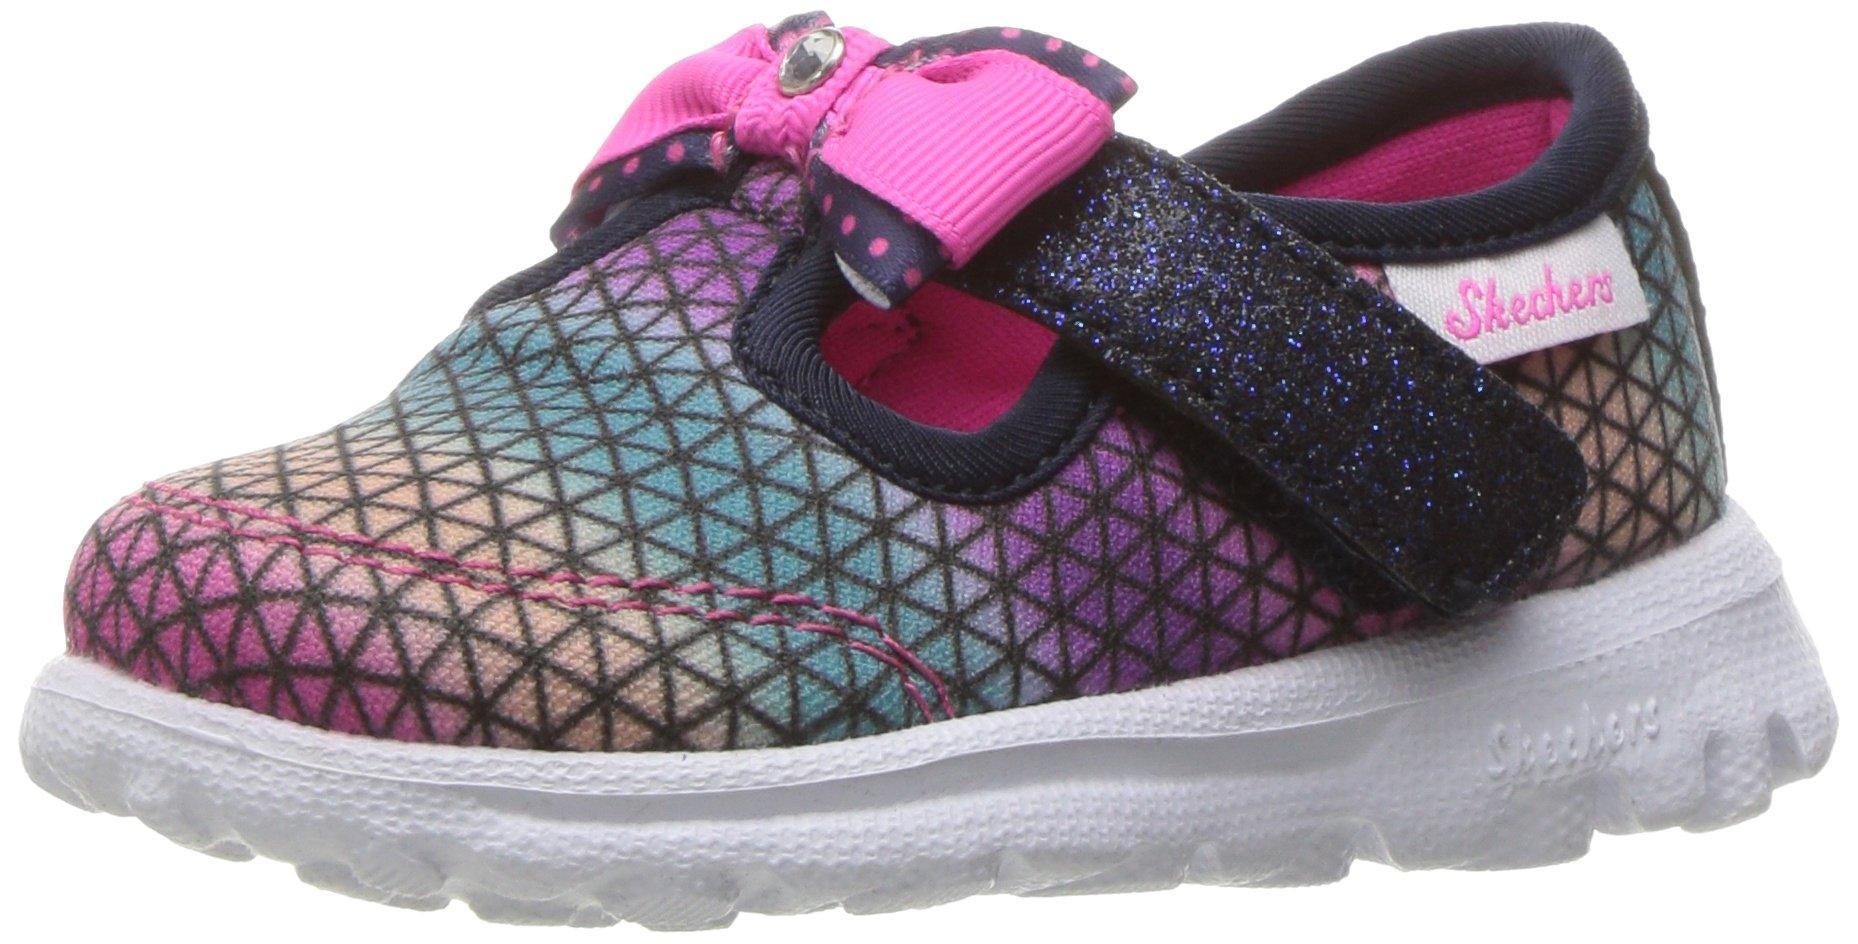 Skechers Kids Girls' Go Walk Cutie Craze Slip-On Sneaker,Navy/Multi,